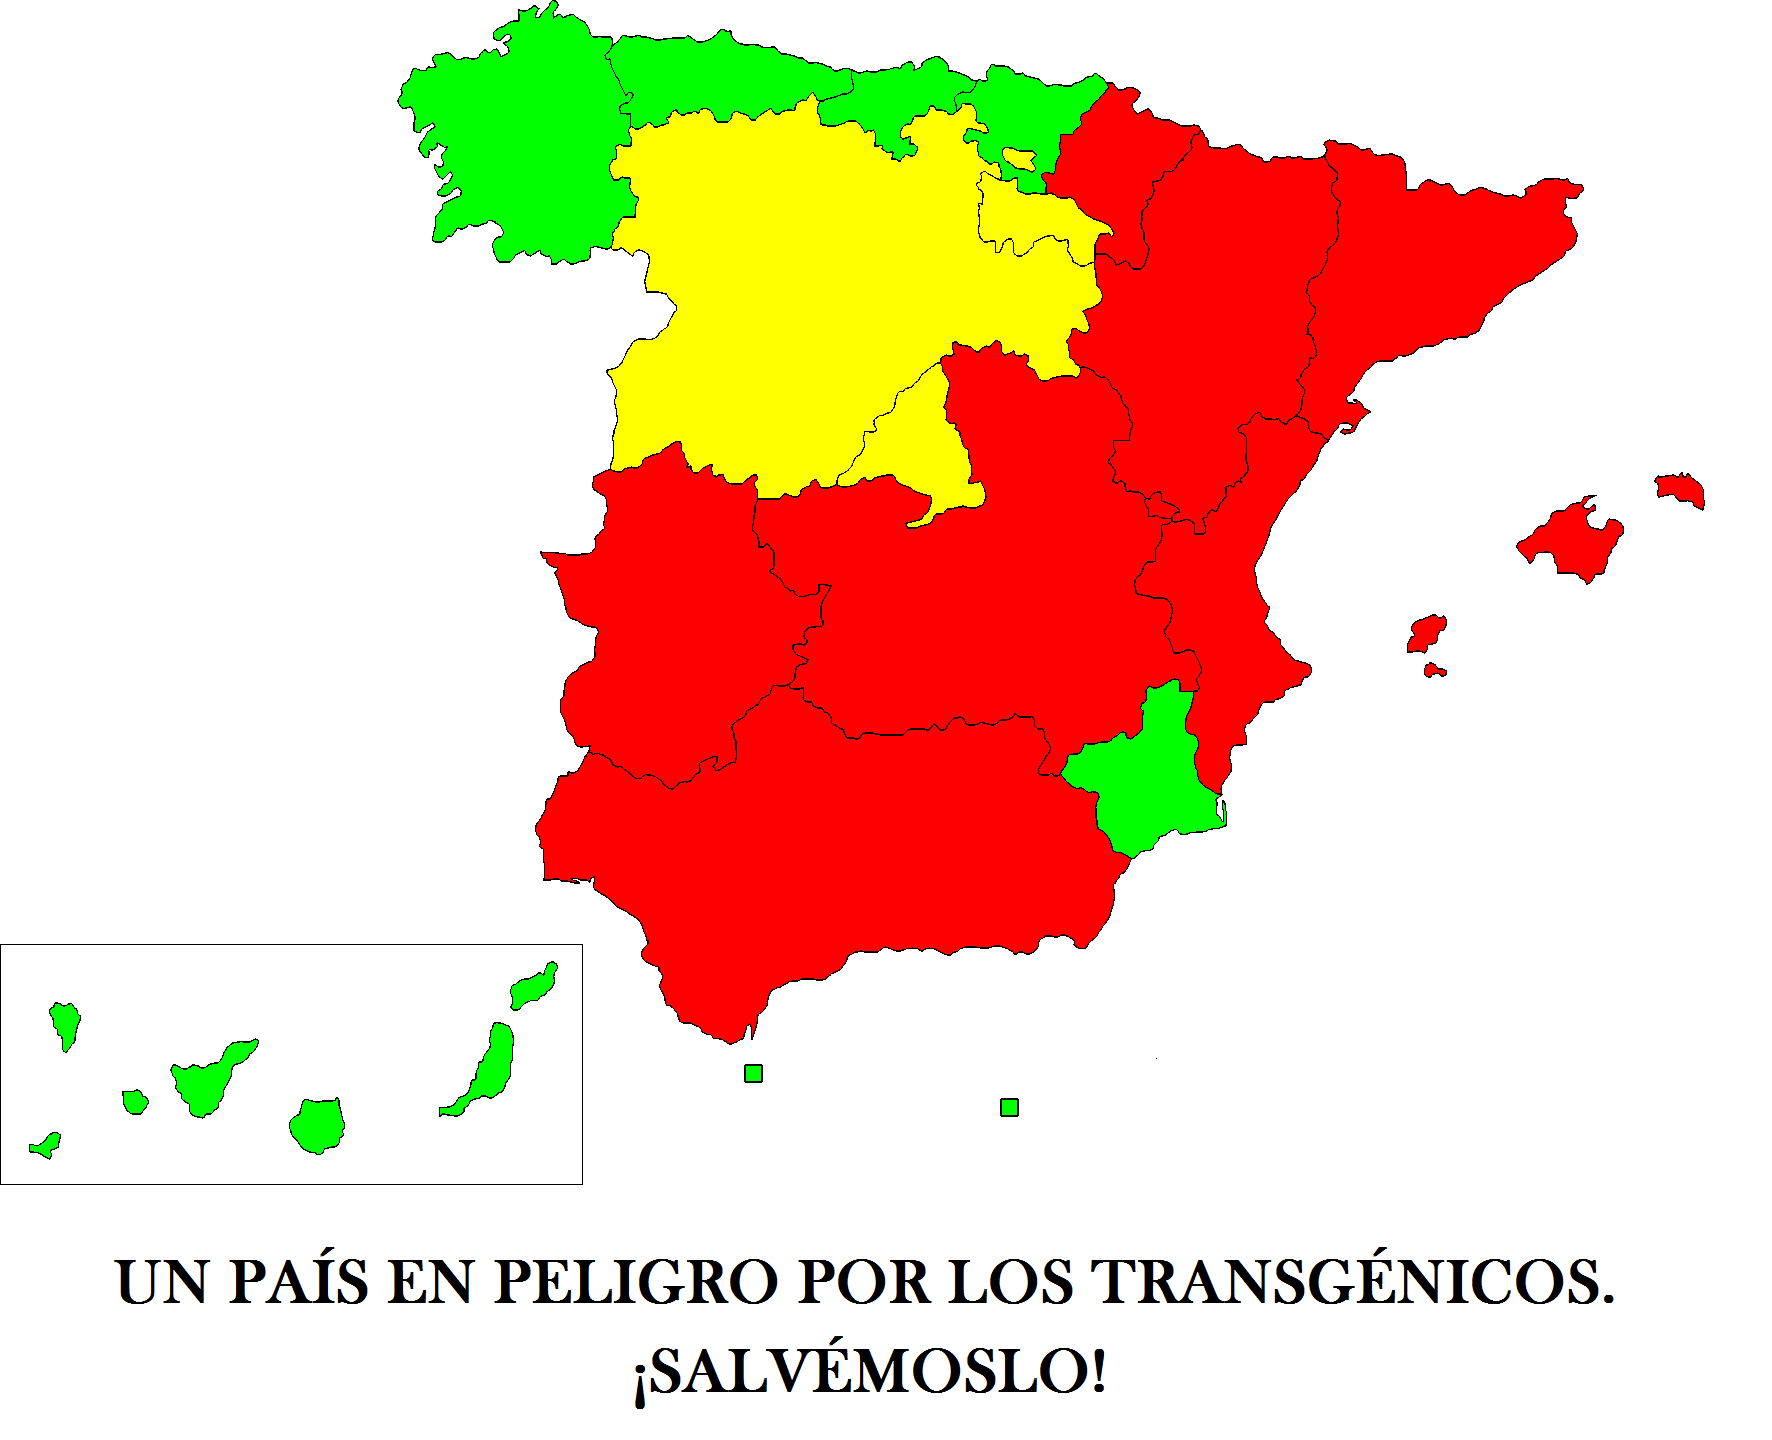 El cultivo de transgénicos en España (1)